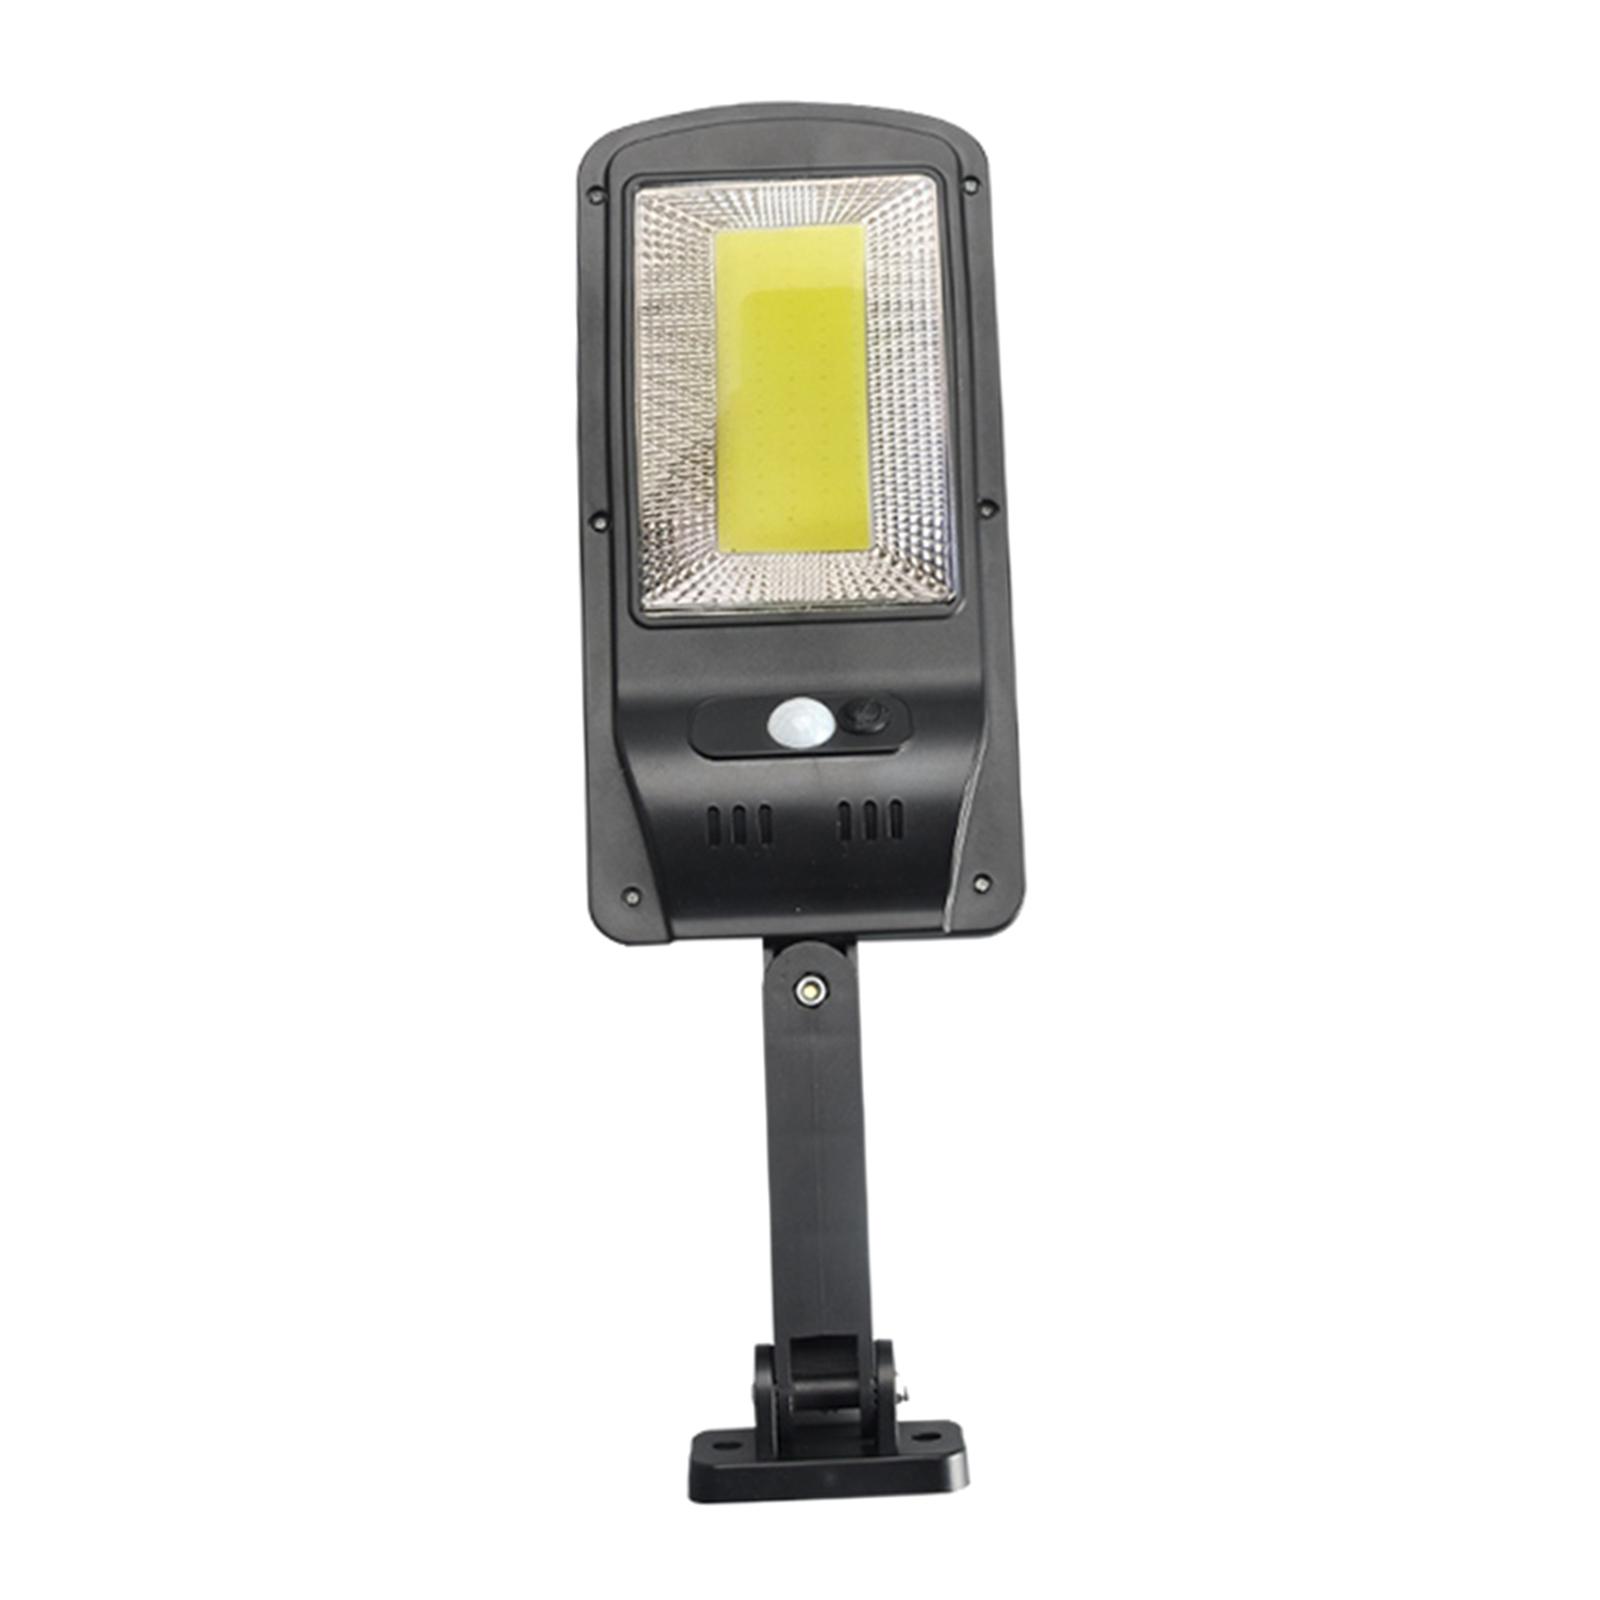 Corps-de-reverbere-a-LED-a-energie-solaire-detectant-la-lumiere miniatura 9